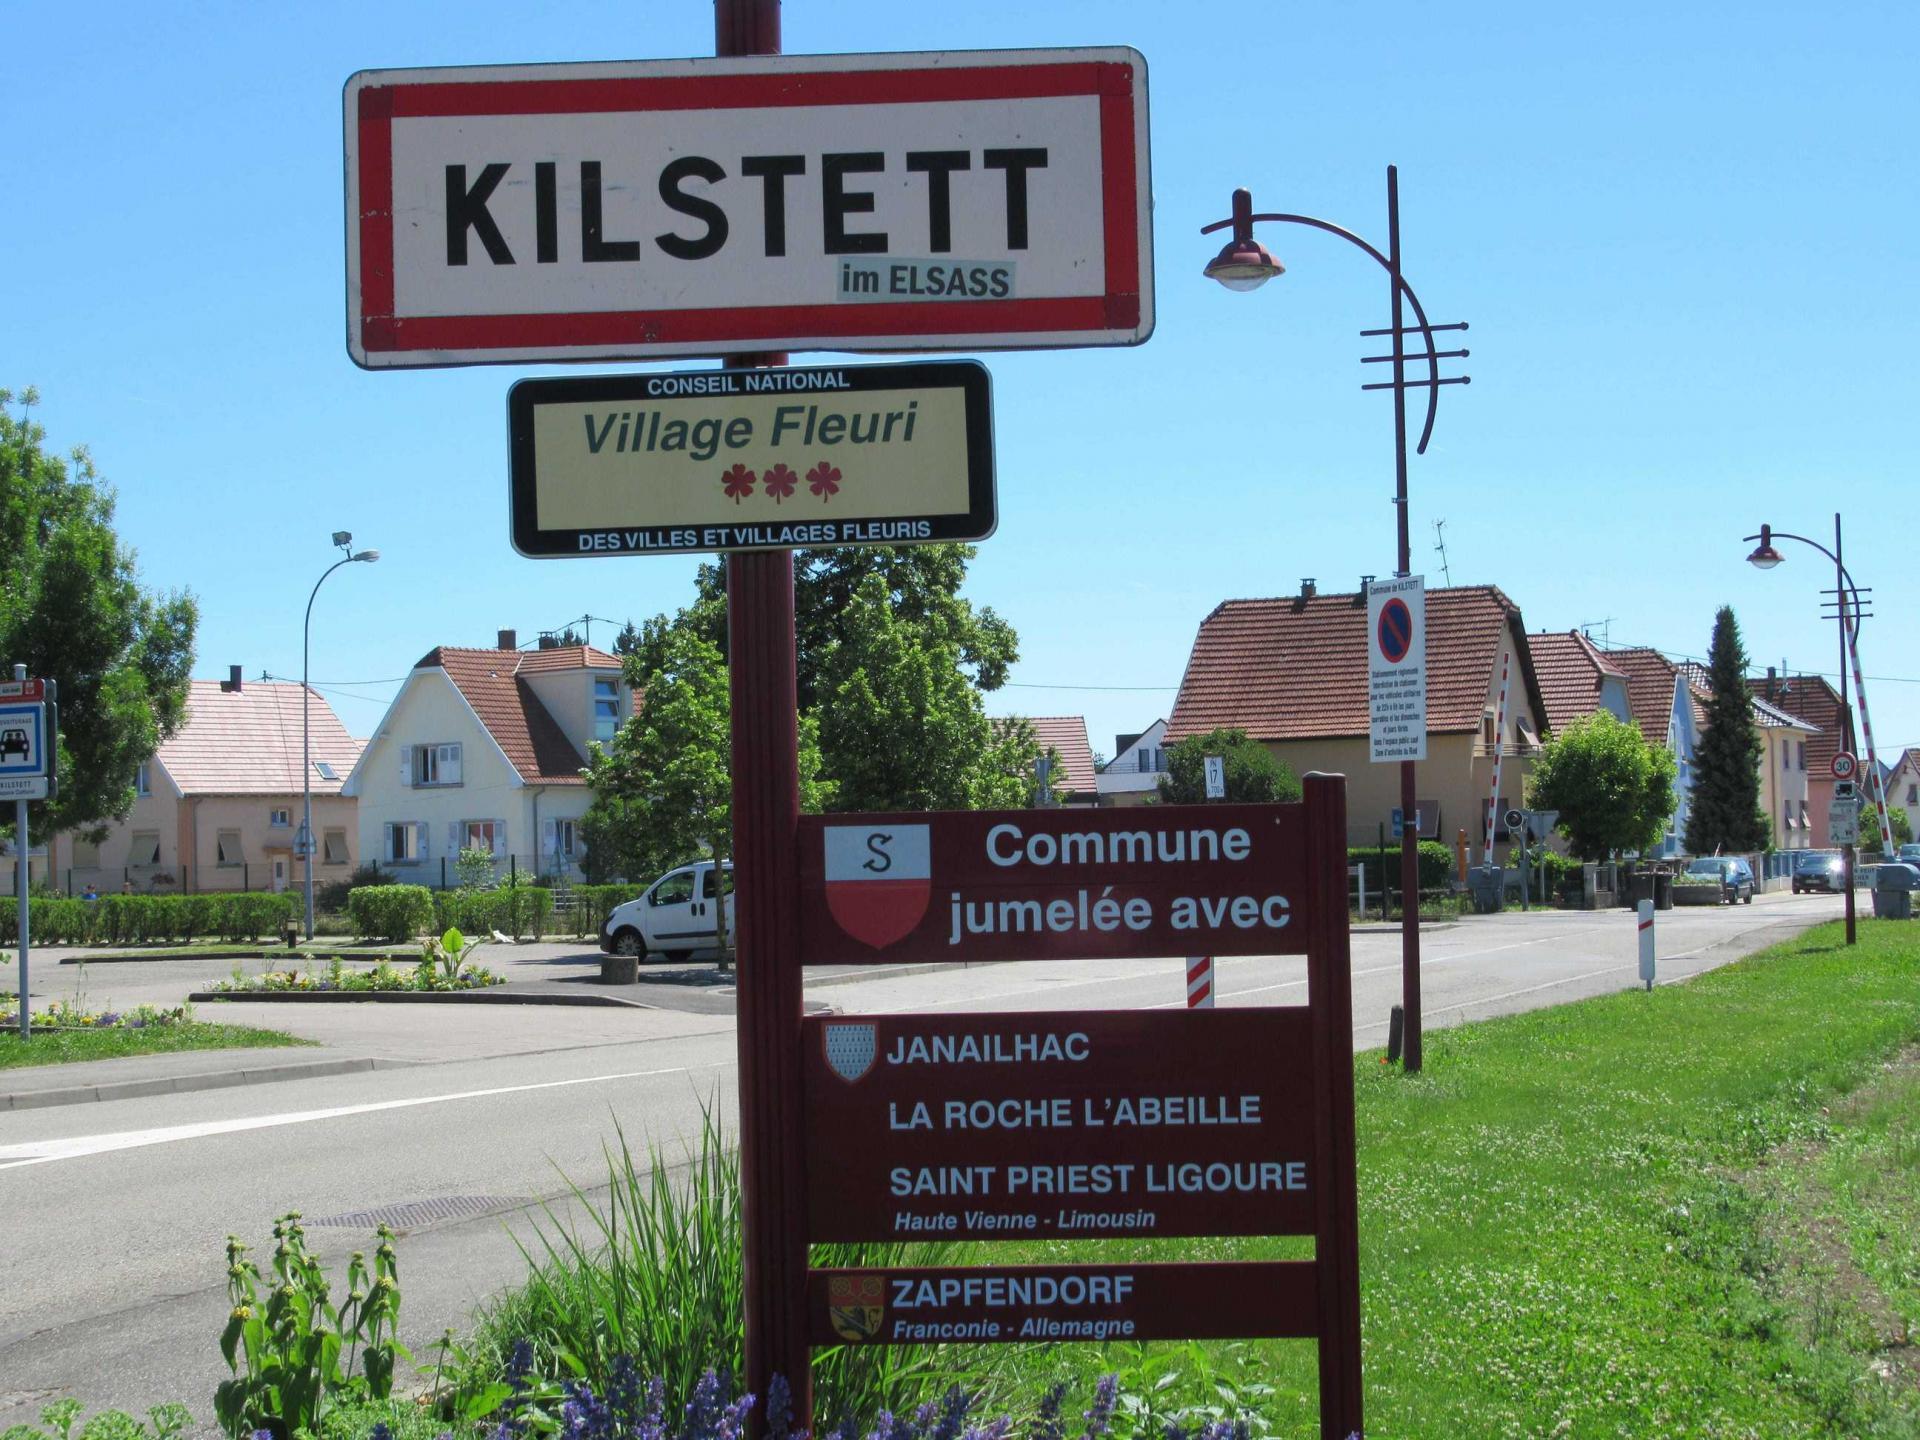 Voyage à Kilstett (2017)